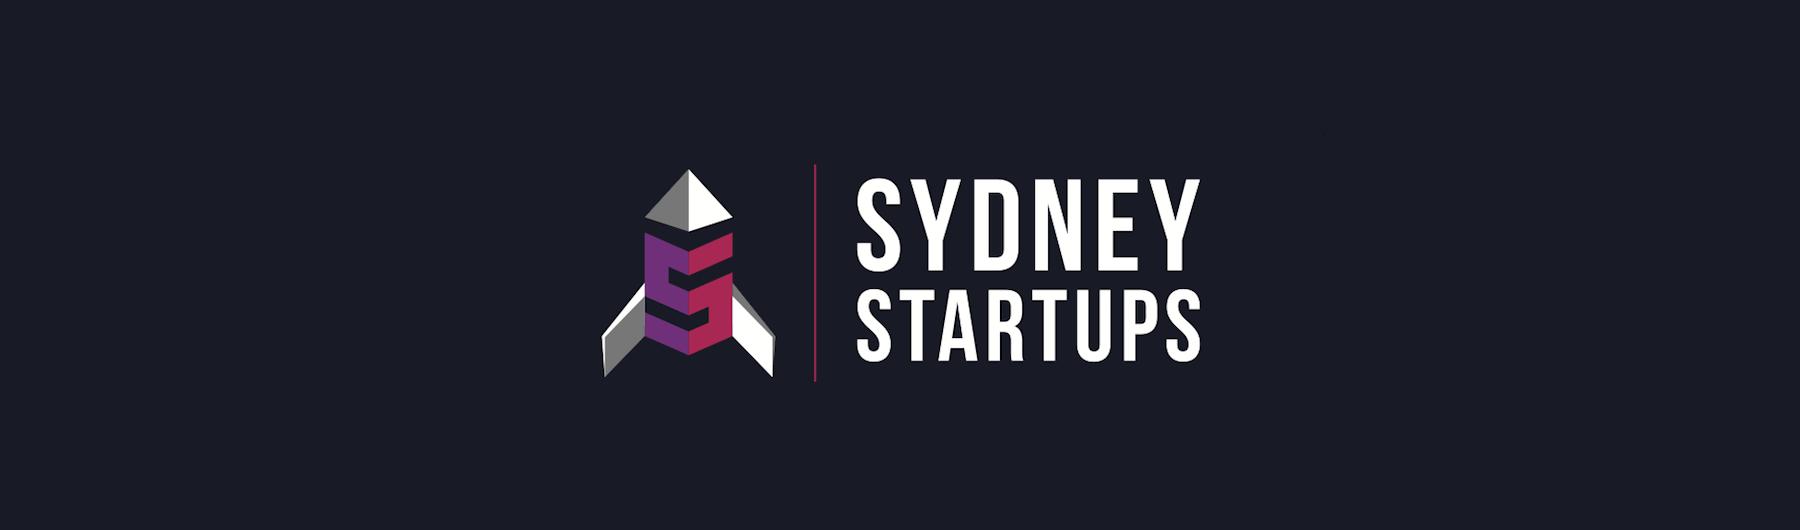 Sydney Startups Community Xmas Party - powered by MYOB